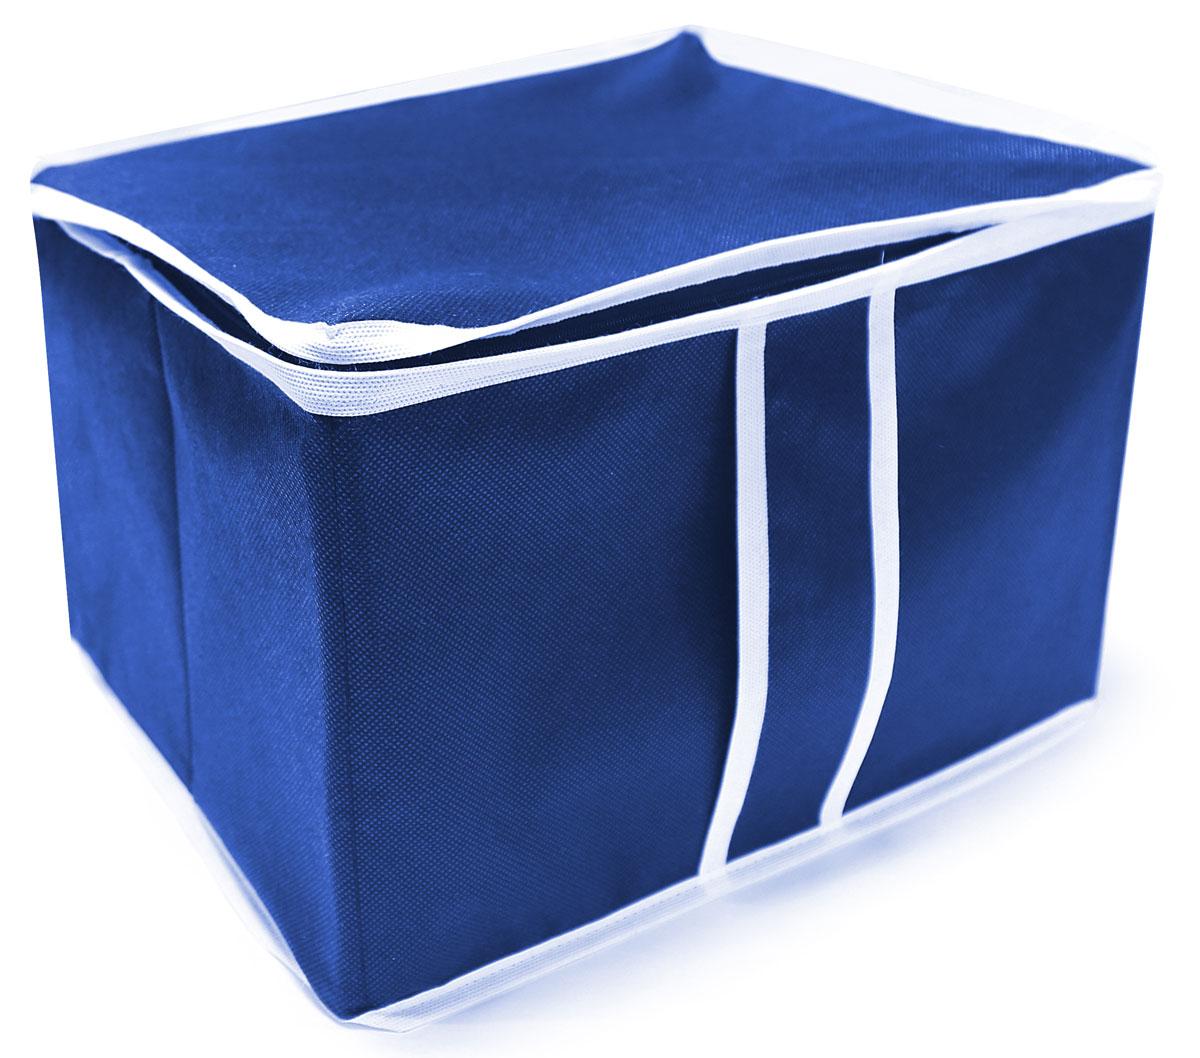 Органайзер для хранения Eva Василек, цвет: синий, 35 х 30 х 25 см органайзер для мелочей eva этника 9 отделений 30 30 10